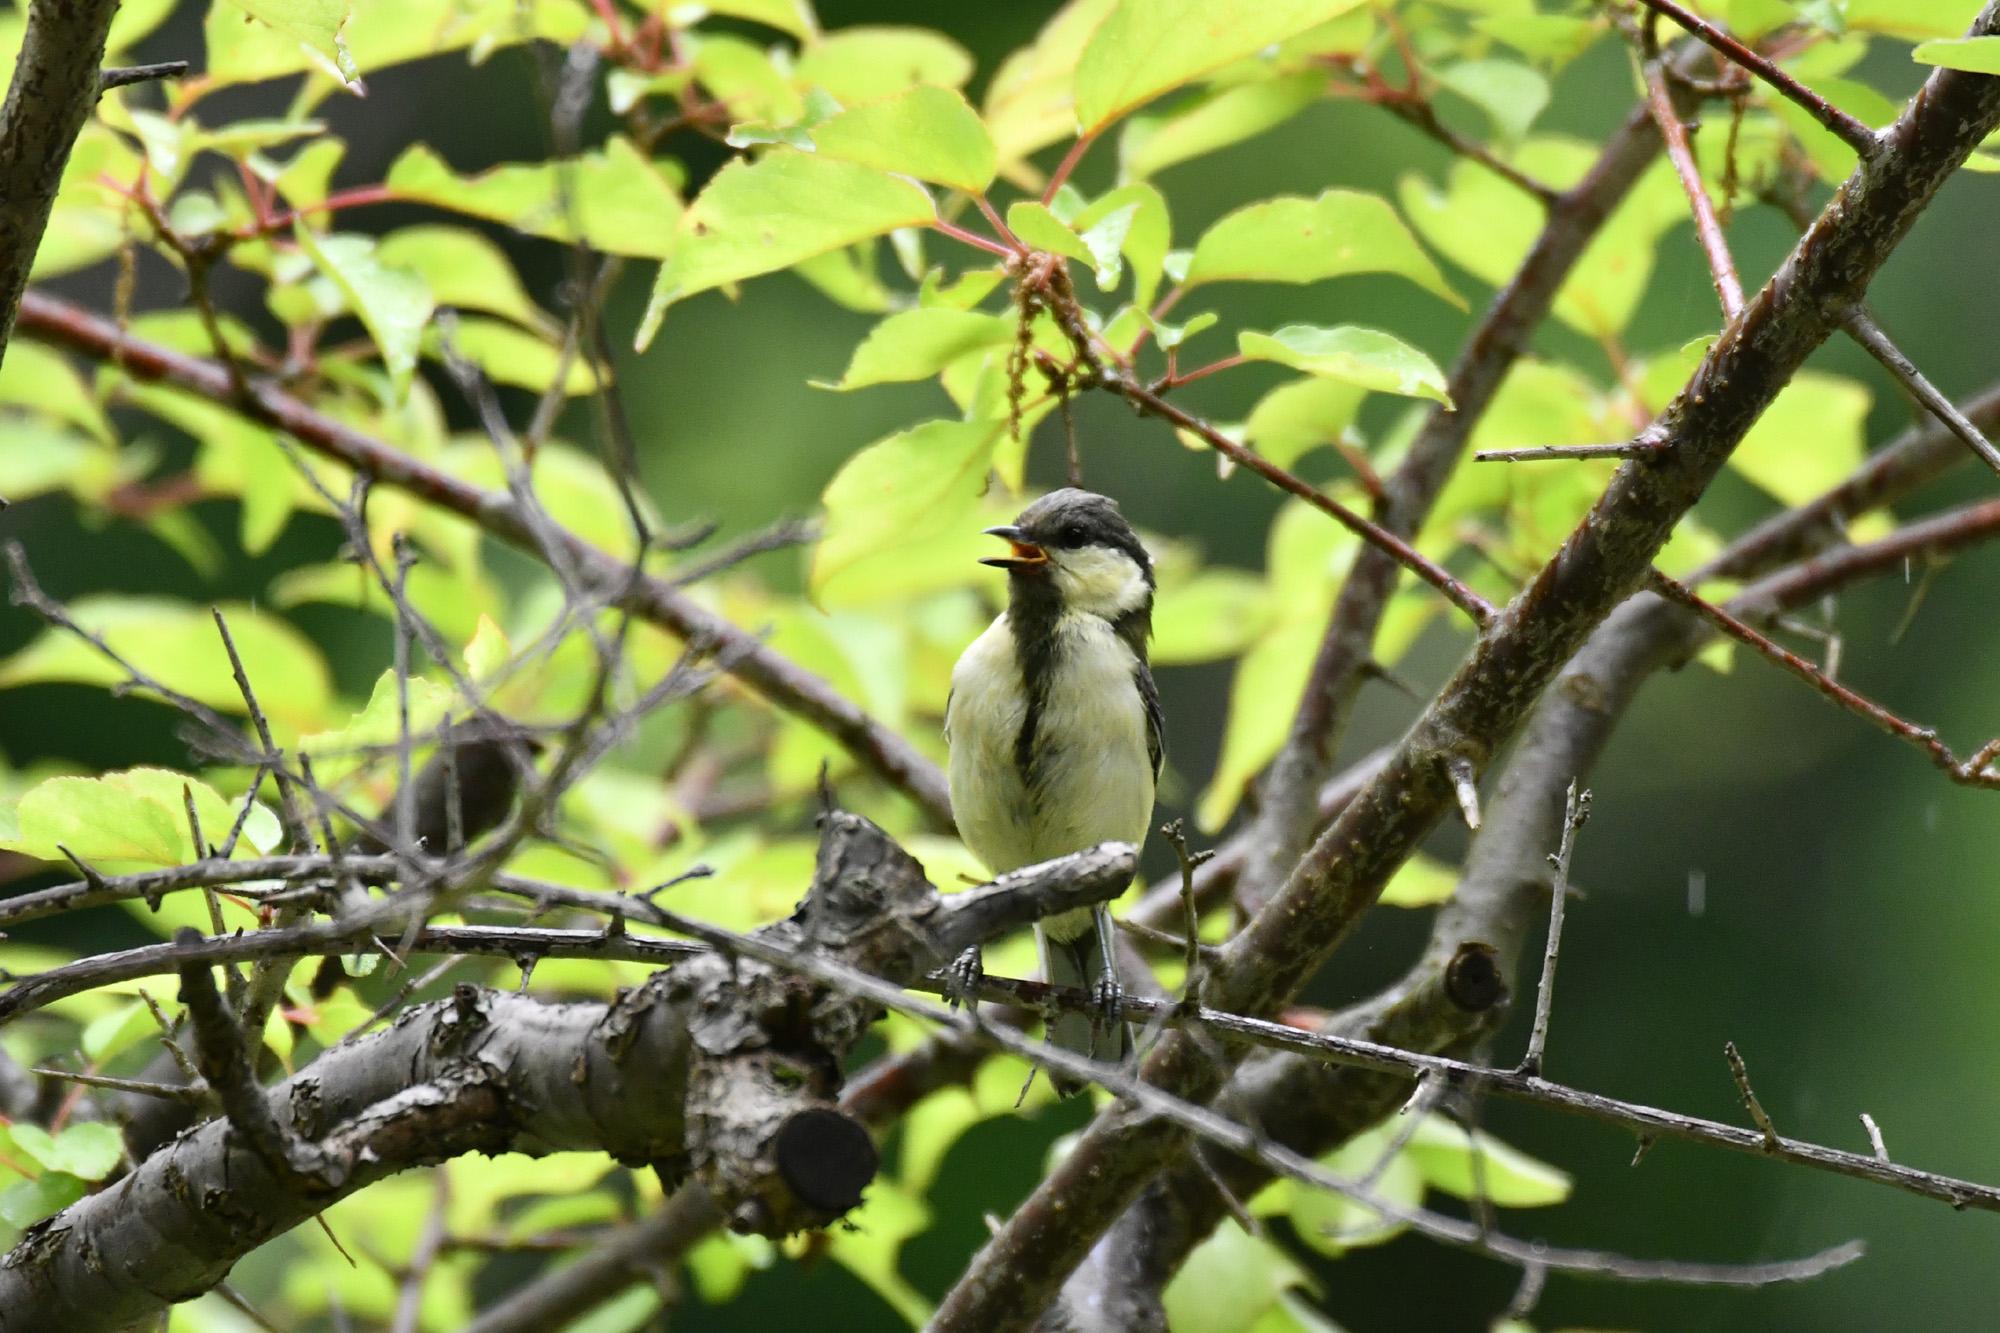 シジュウカラ 野鳥撮影にサバゲーのカモフラージュネット